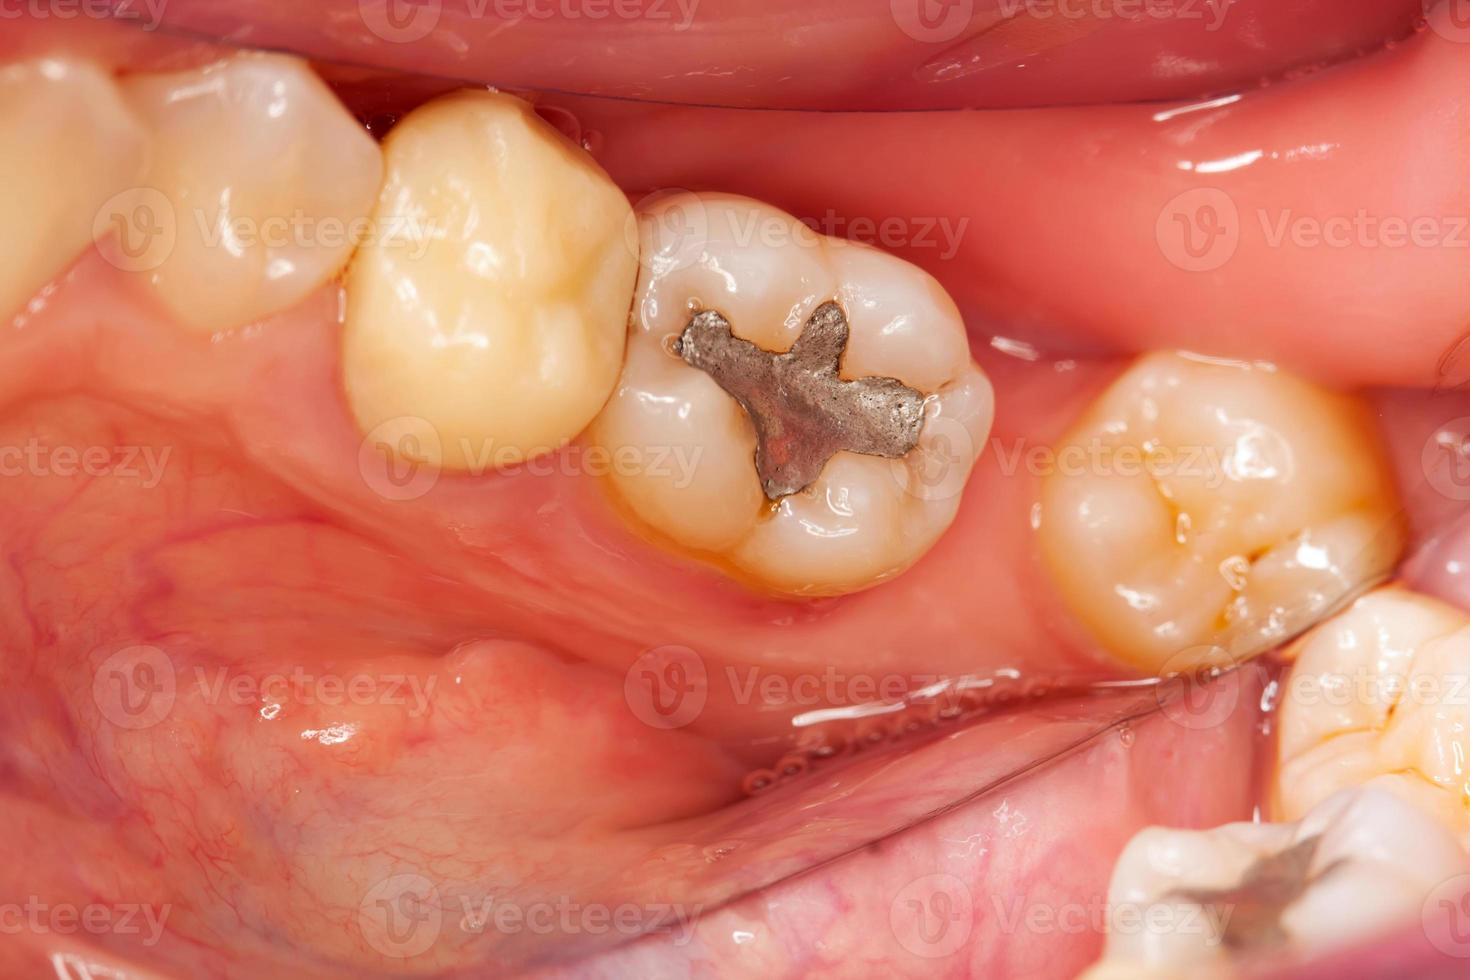 problemas dentales foto